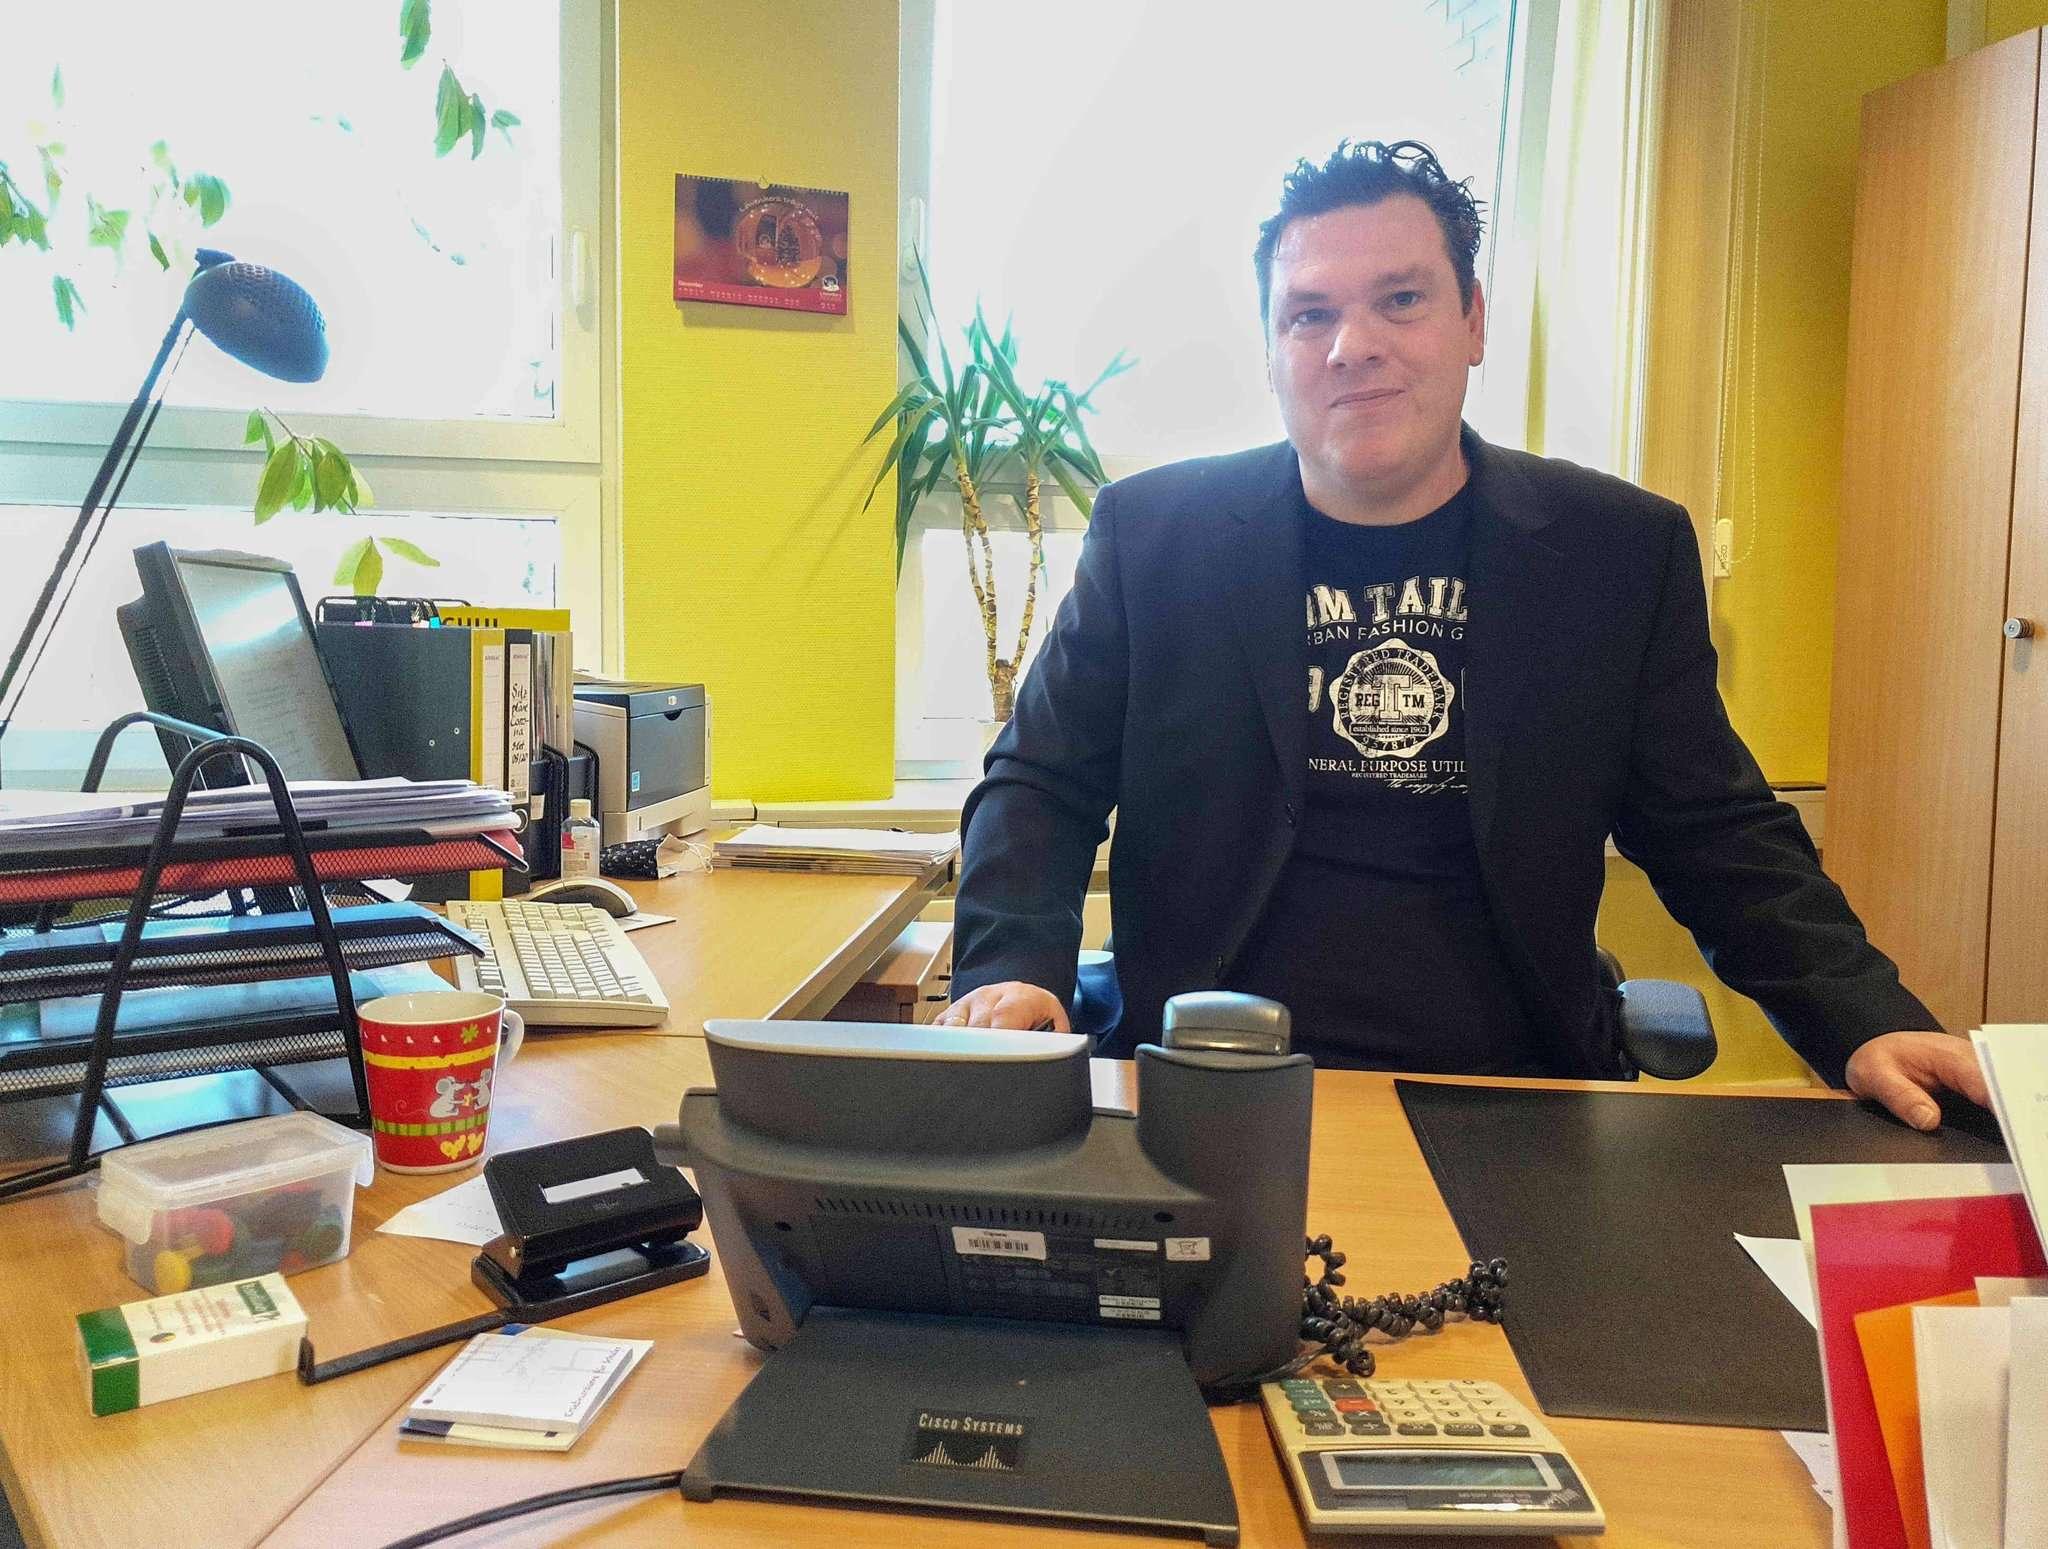 Maico Tijink ist neuer Leiter der Wiedau-Schule. Foto: Tobias Woelki